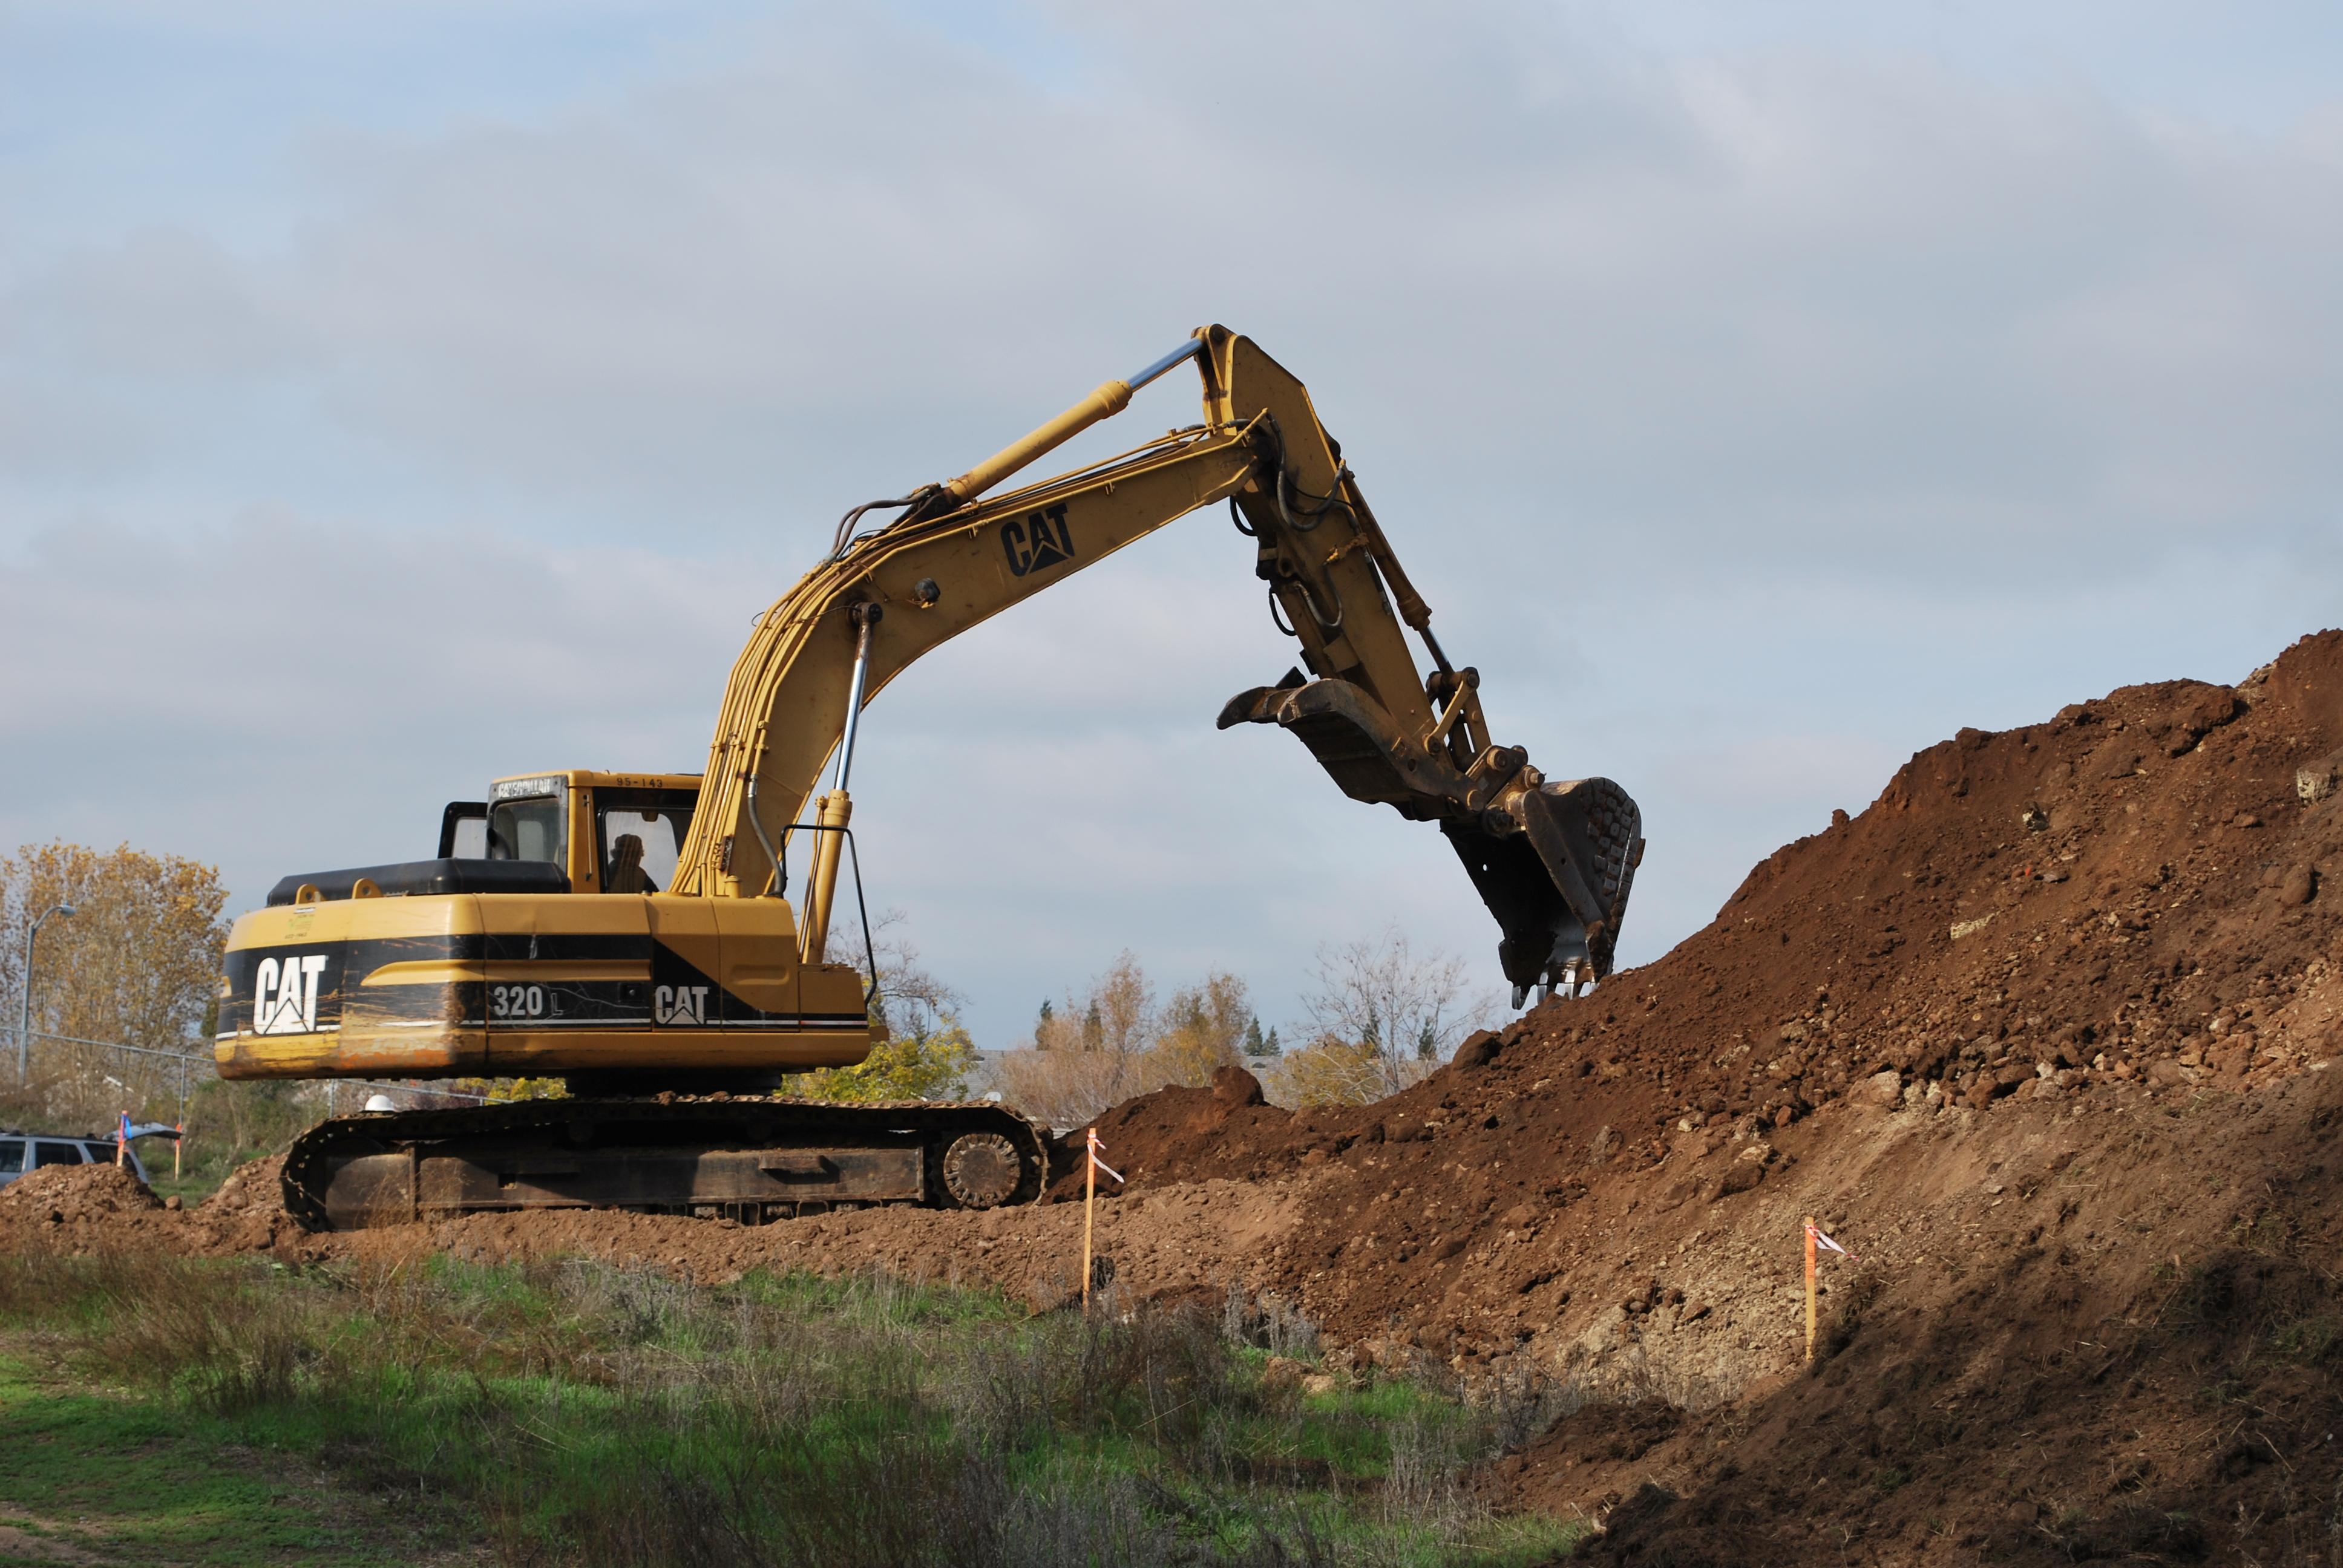 escavatori CAT_320.excavator